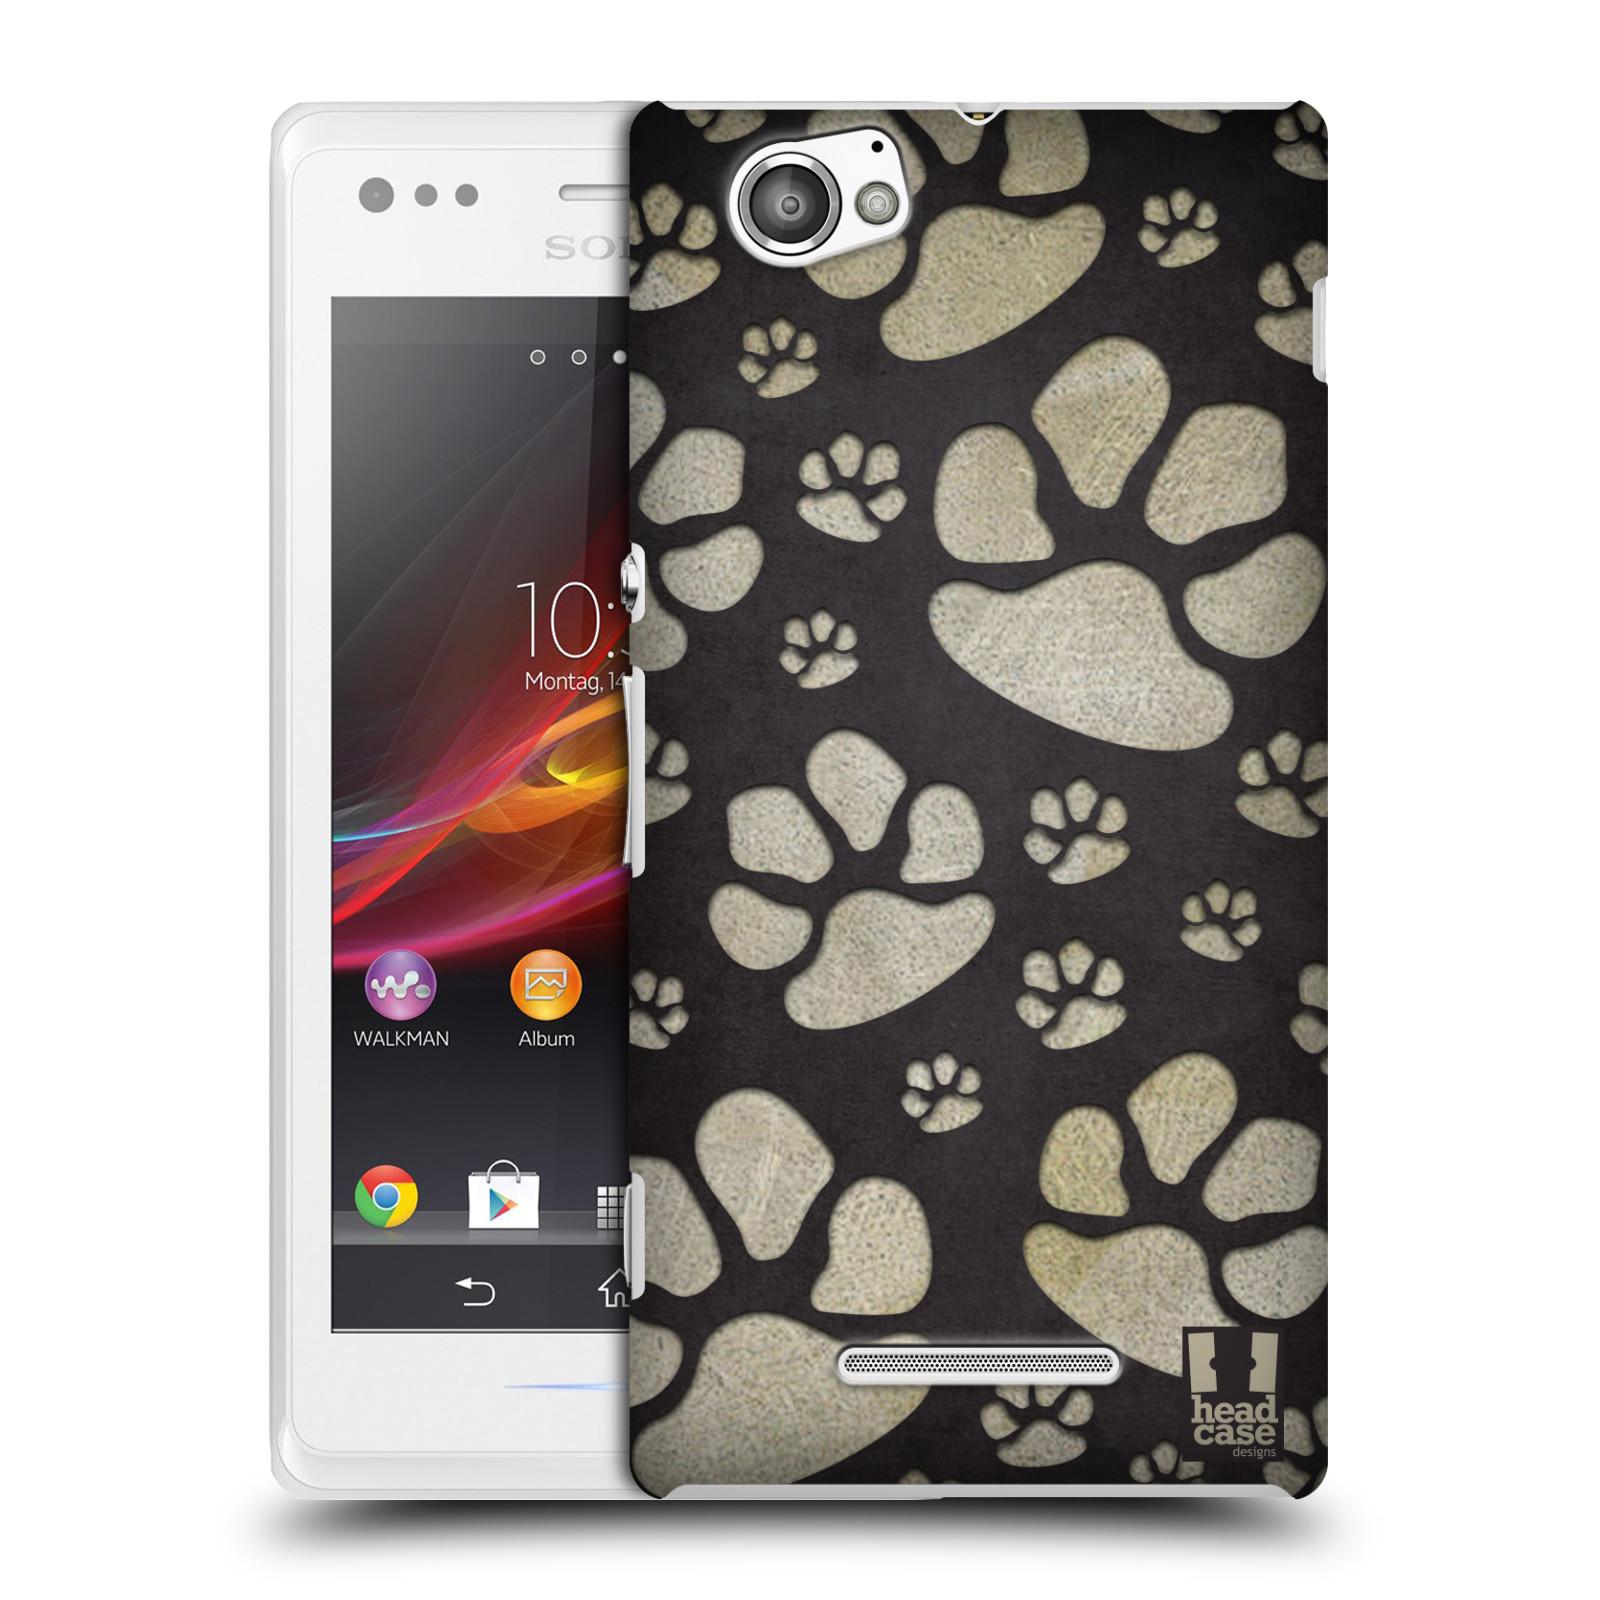 Plastové pouzdro na mobil Sony Xperia M C1905 HEAD CASE TLAPKY ŠEDÉ (Kryt či obal na mobilní telefon Sony Xperia M a M Dual)